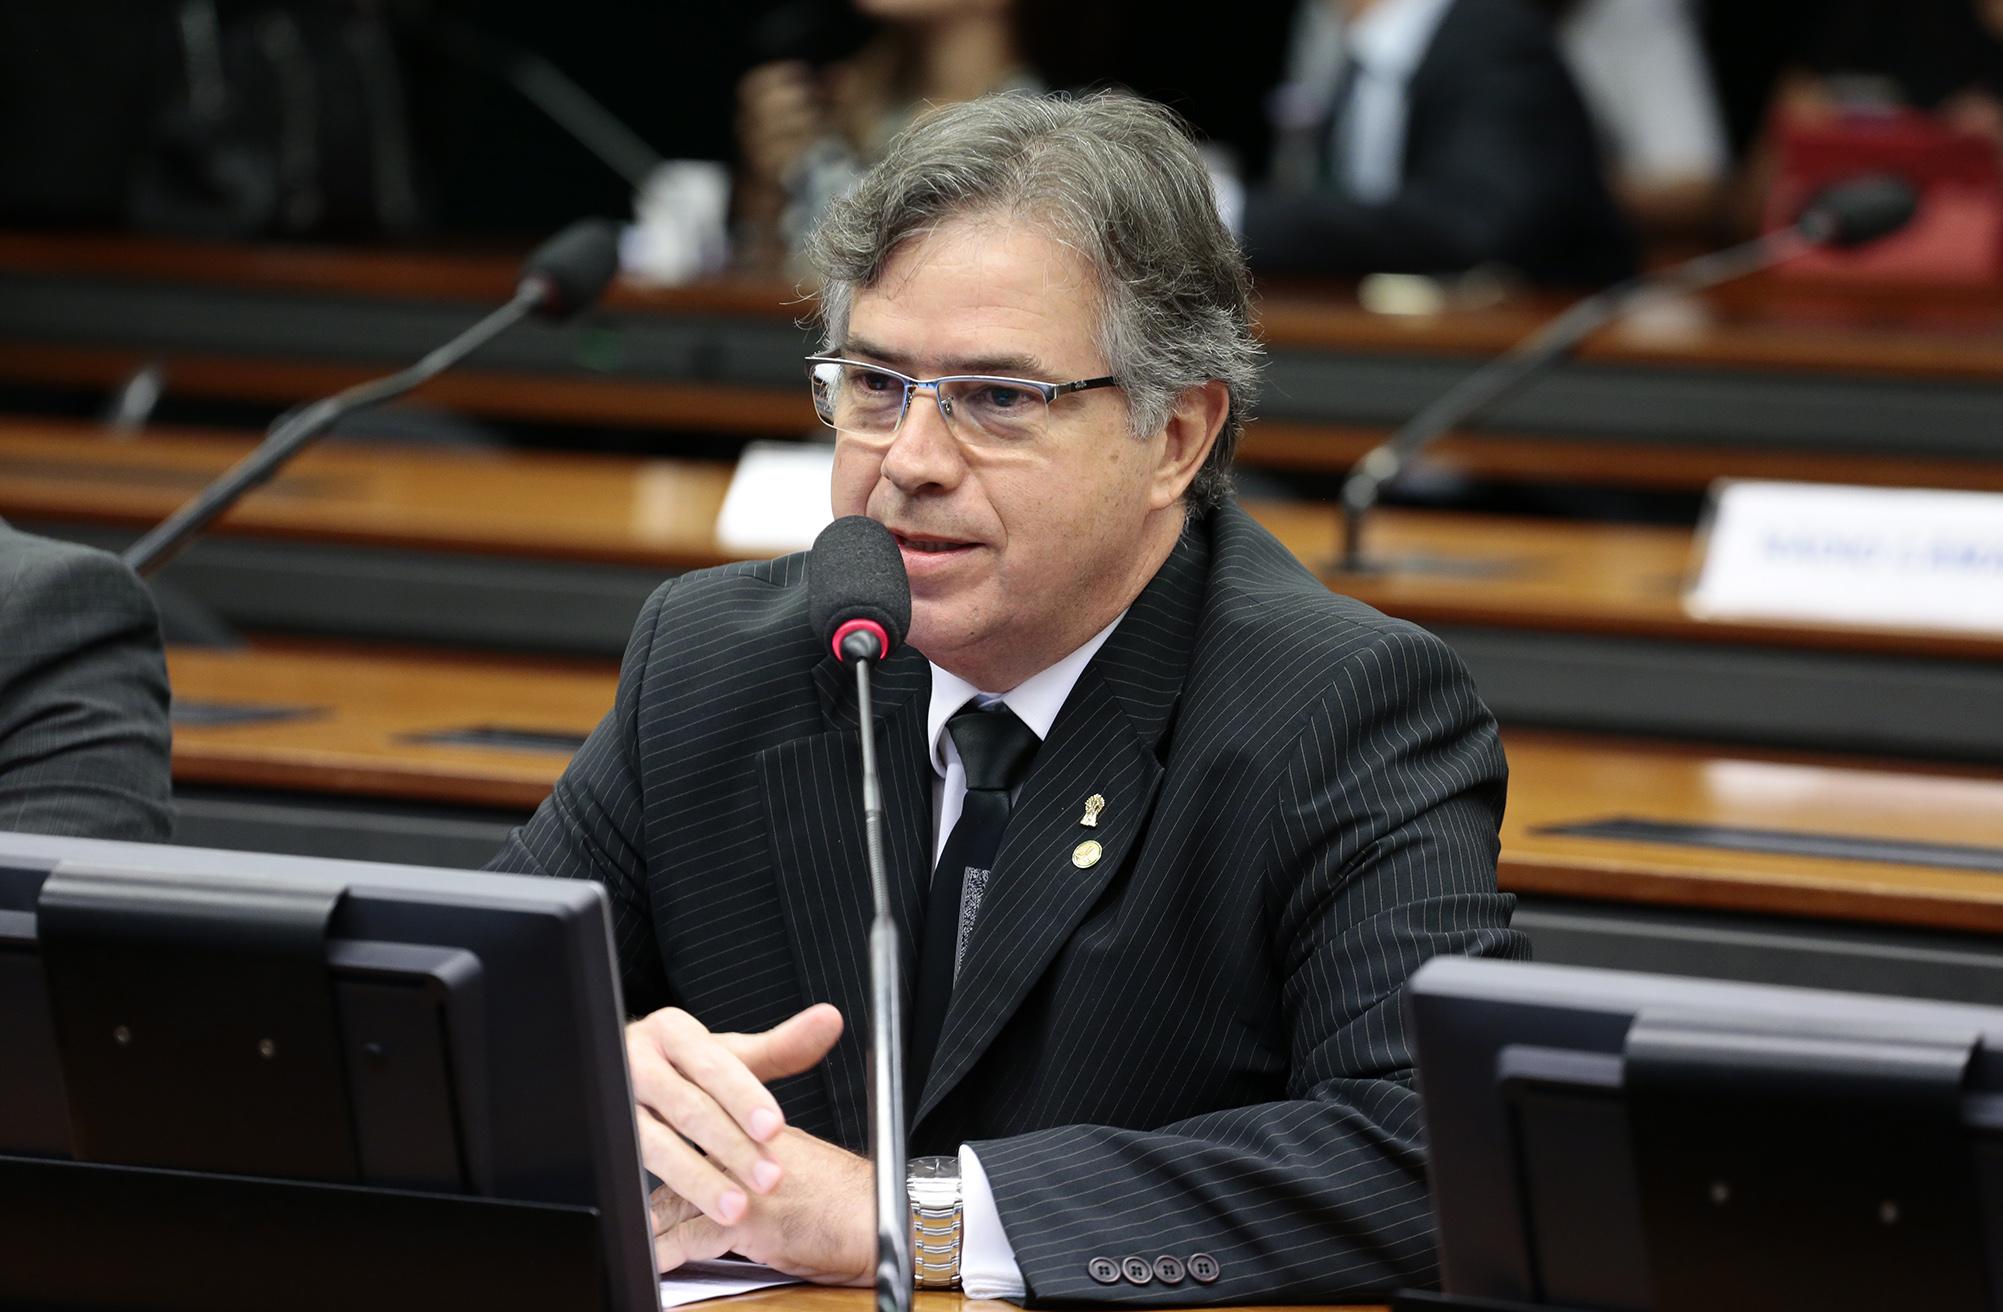 Reunião Ordinária. Dep. Joaquim Passarinho (PSD-PA)